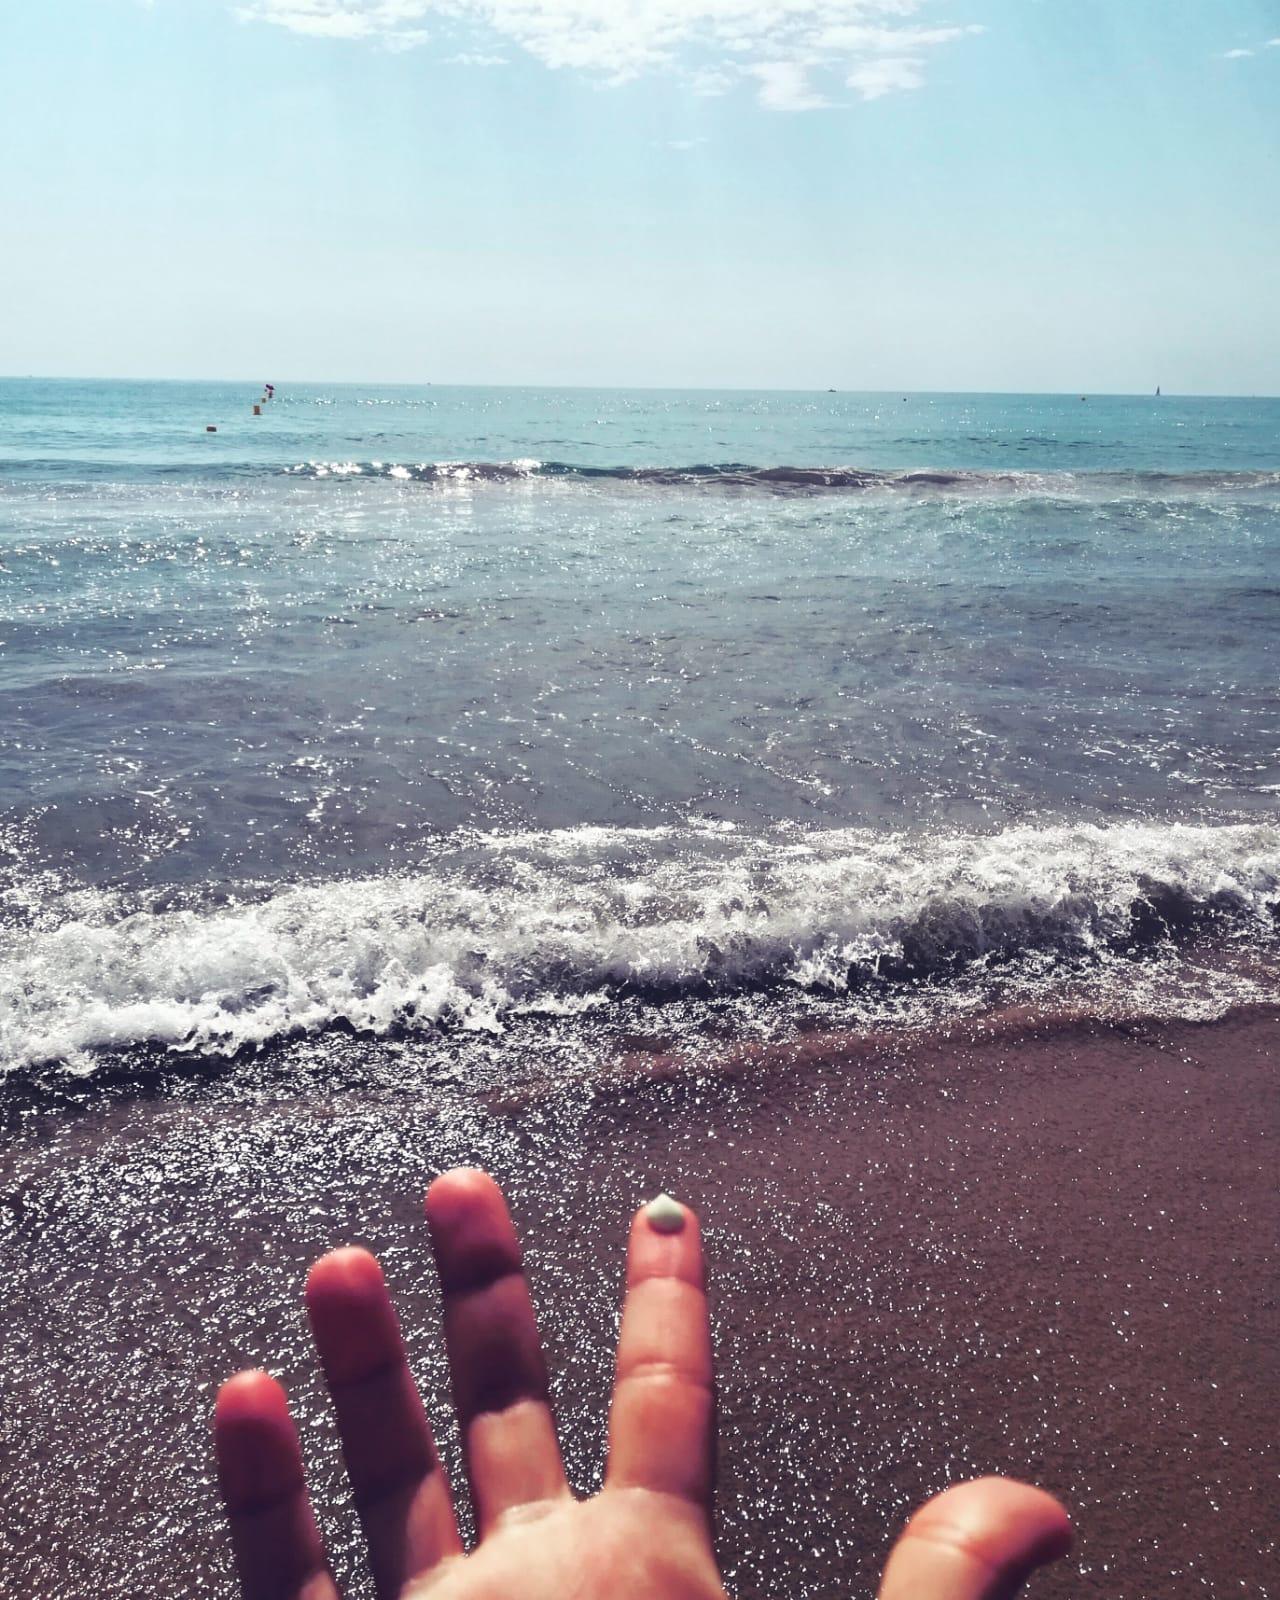 Protectores solares respetuosos con el medio marino por Laura Gasullla